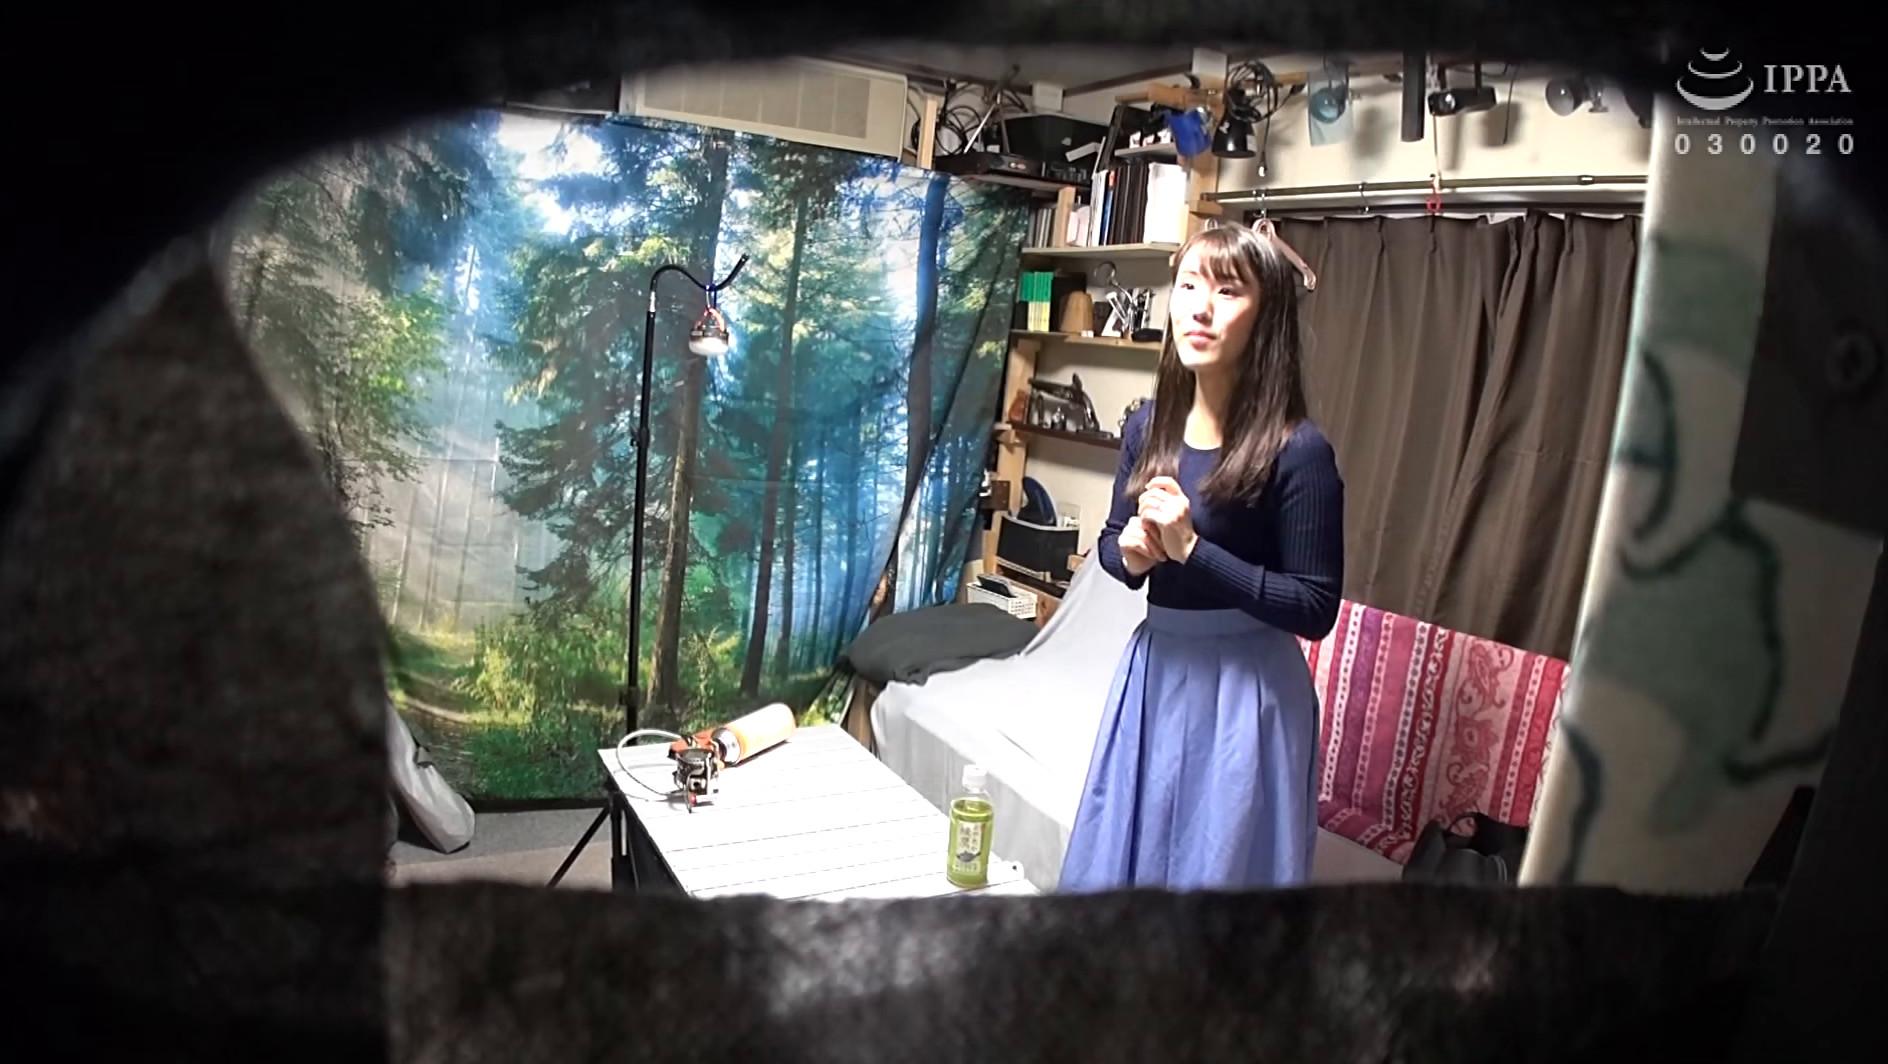 自分の部屋に泊まることになった妻の女友達 「人妻園子さん(仮名)三十歳」に当然のように手を出してしまうワタシ 画像1